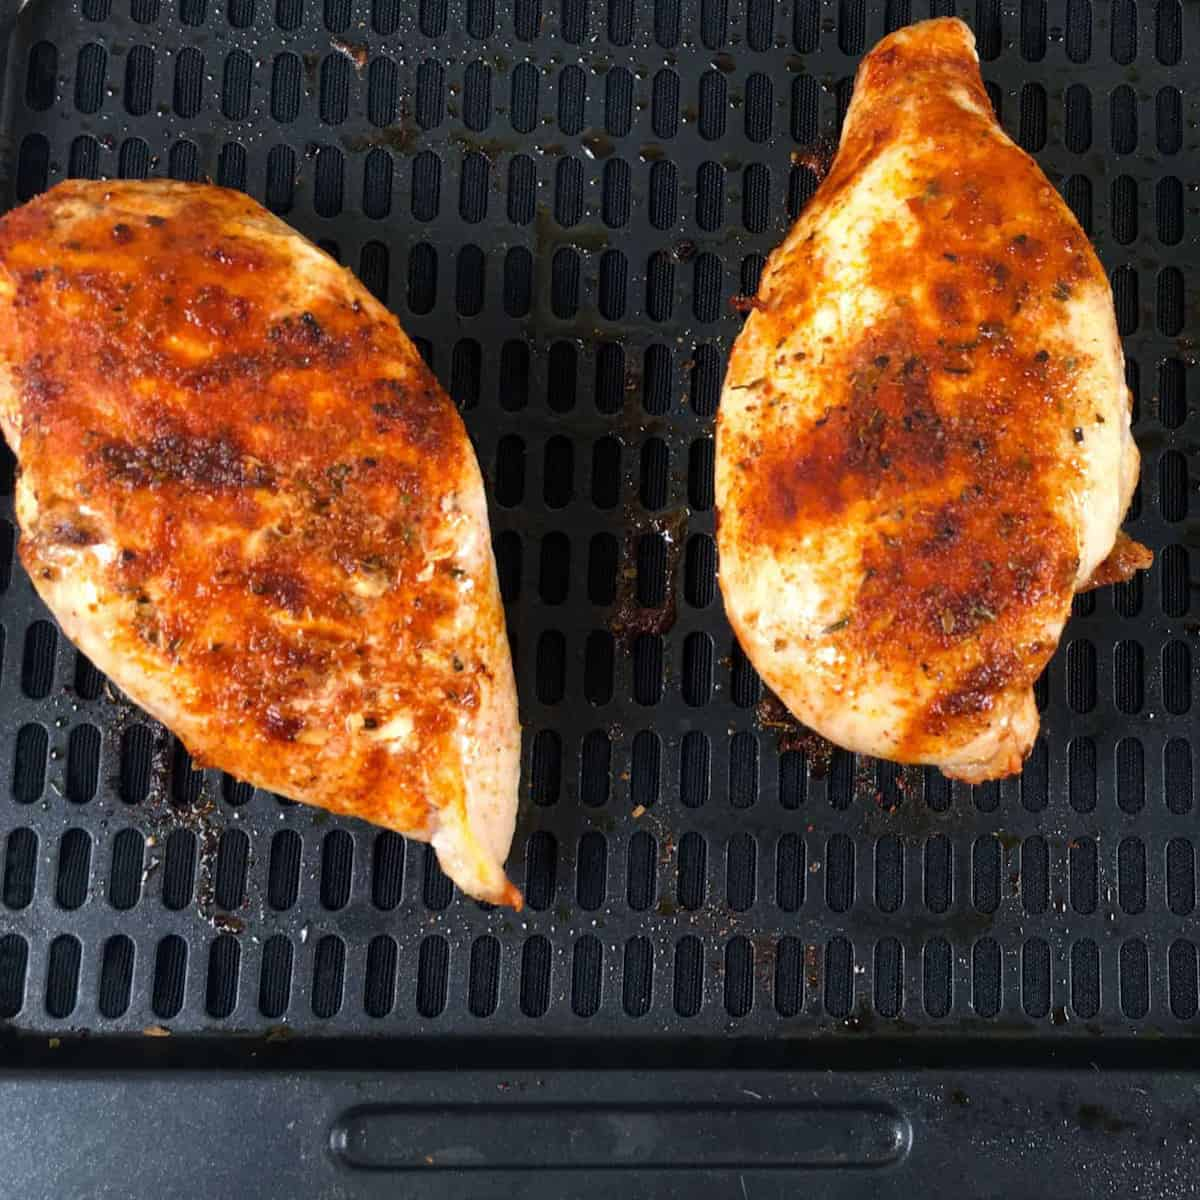 Seasoned chicken breasts on air fryer racks